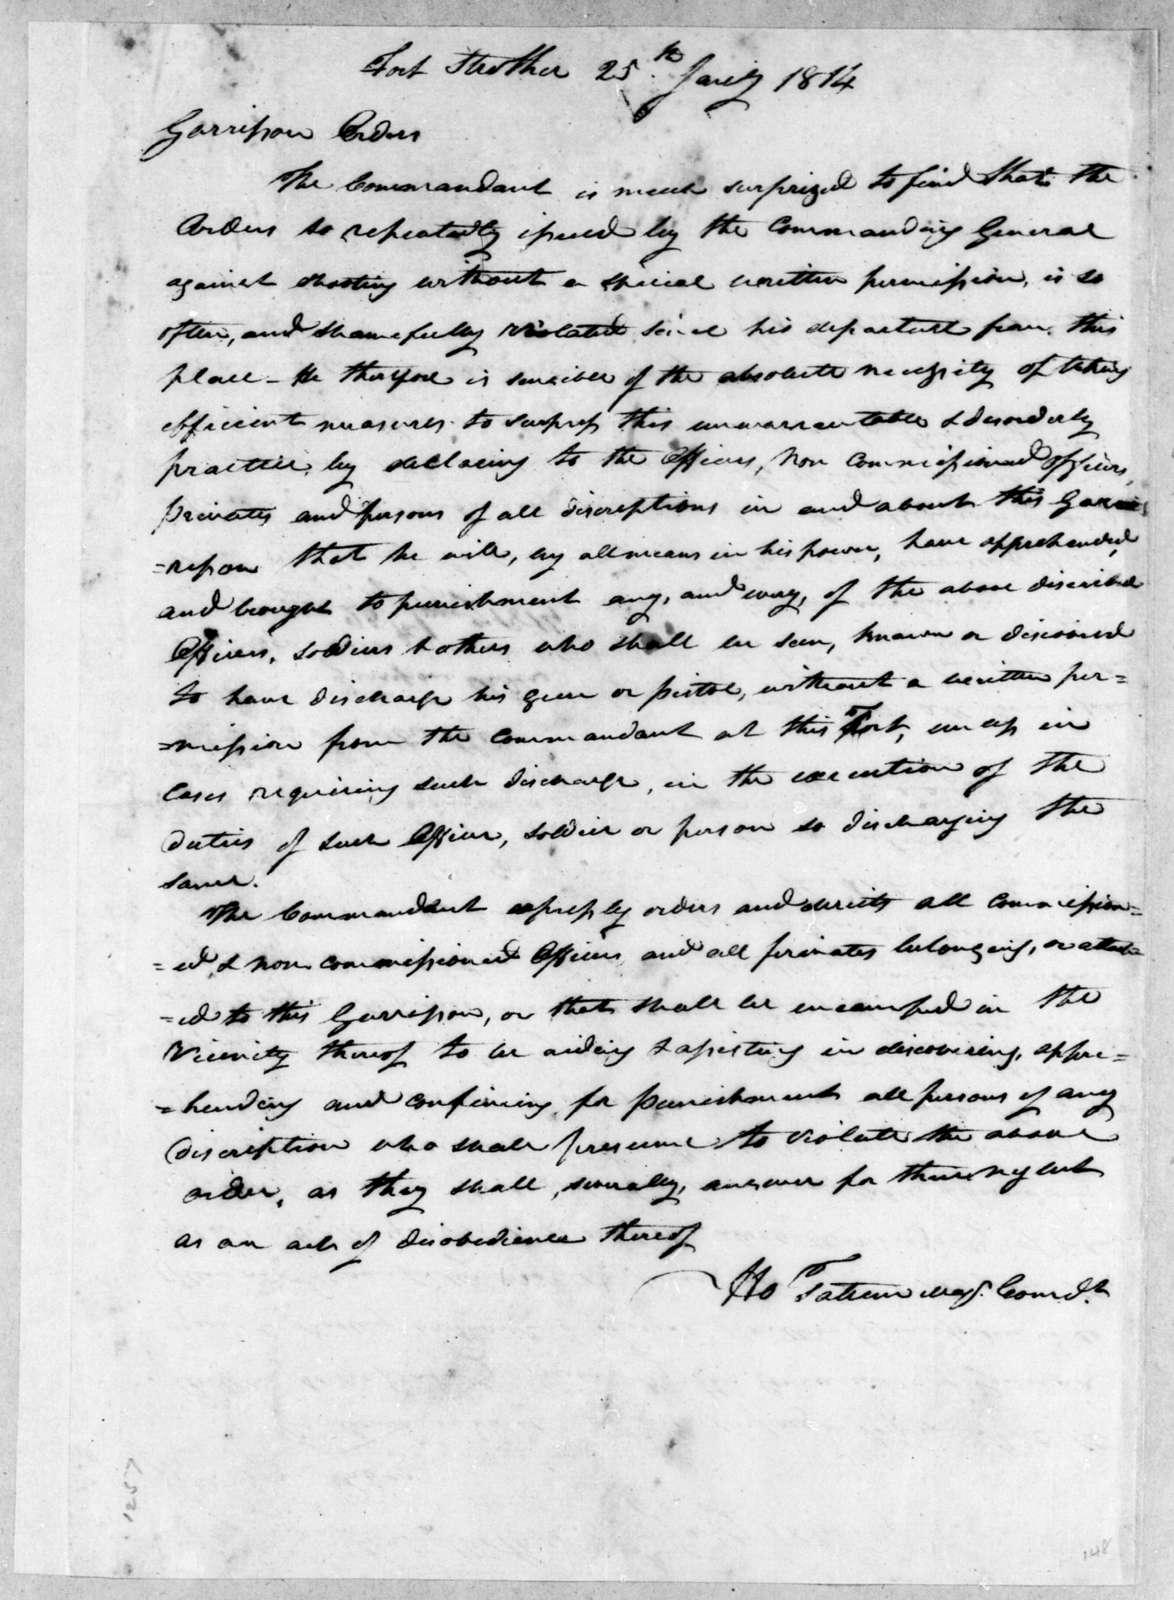 Howell Tatum, January 25, 1814